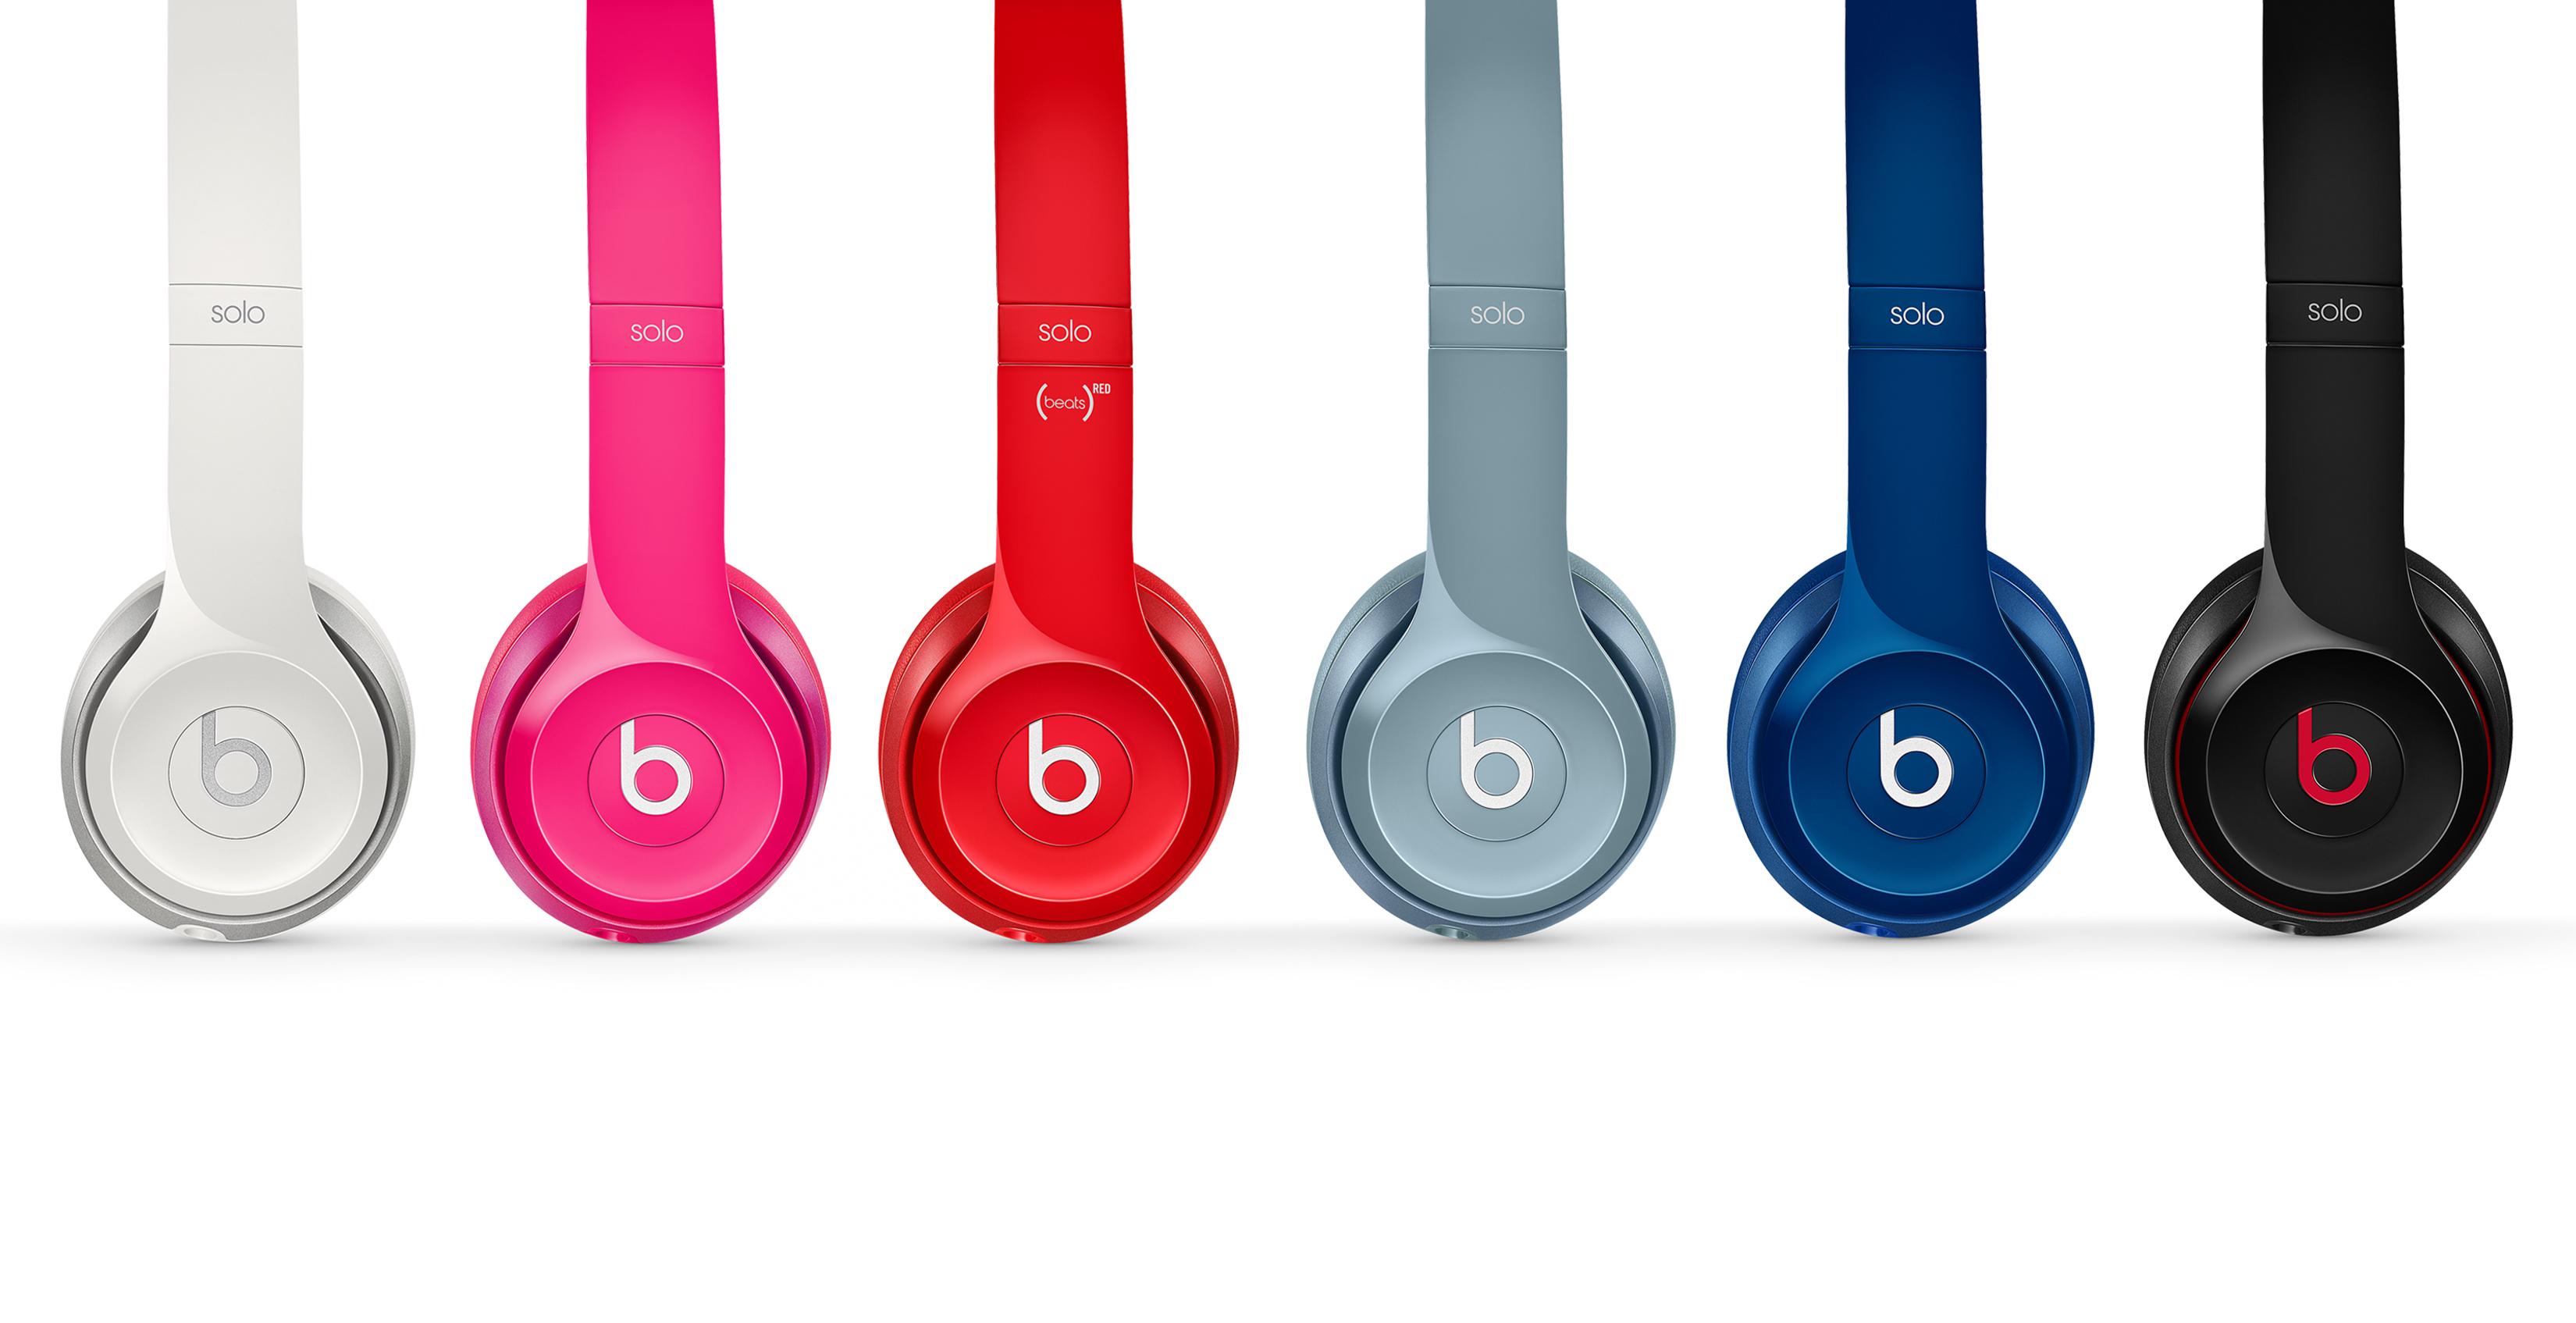 New Beats Solo2 Headphones Announced - CraveOnline